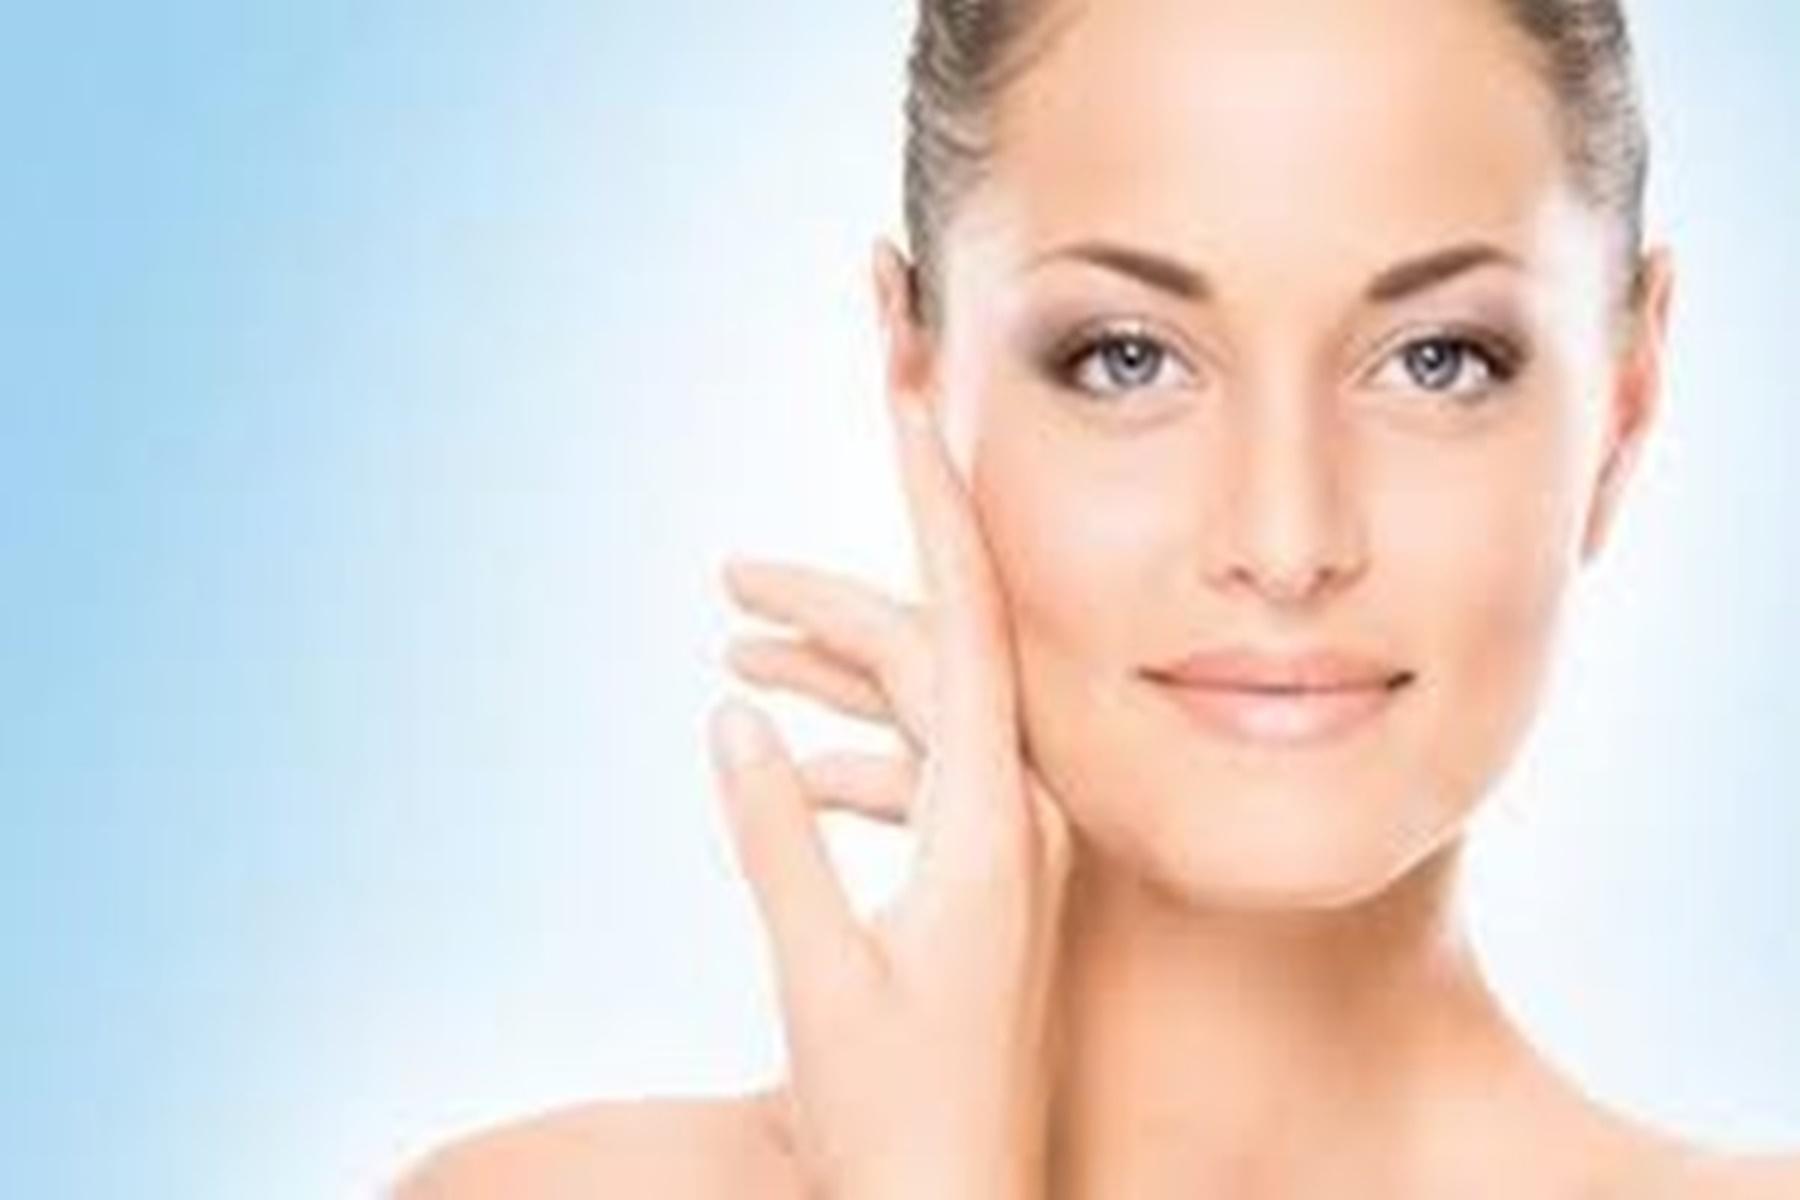 Λαμπερό δέρμα : Δείτε πως θα το πετύχετε με προϊόντα που έχετε στο σπίτι σας